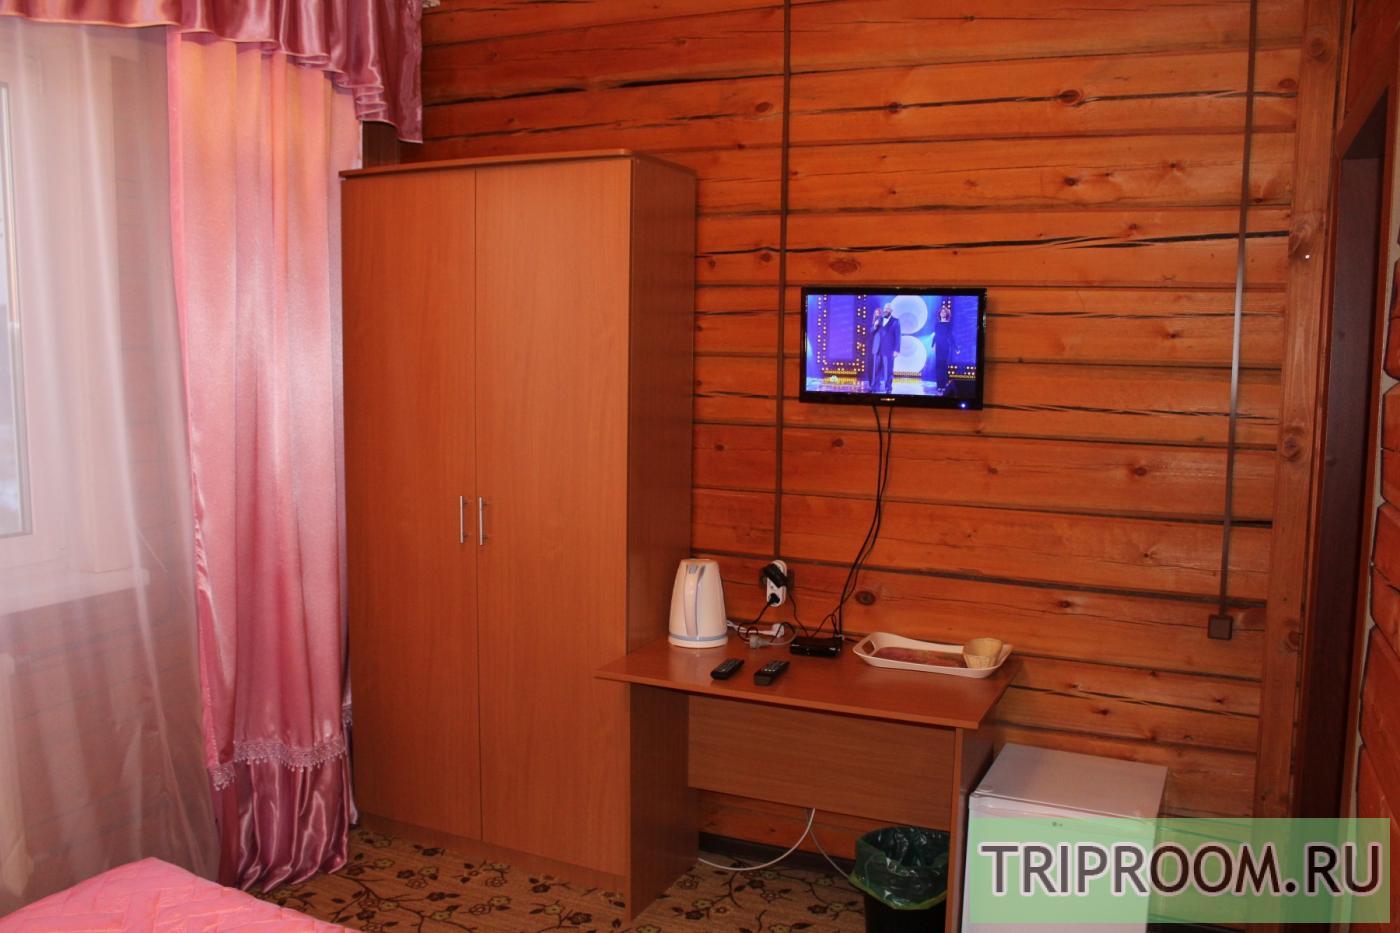 8-комнатный Коттедж посуточно (вариант № 22473), ул. Солнечная улица, фото № 16